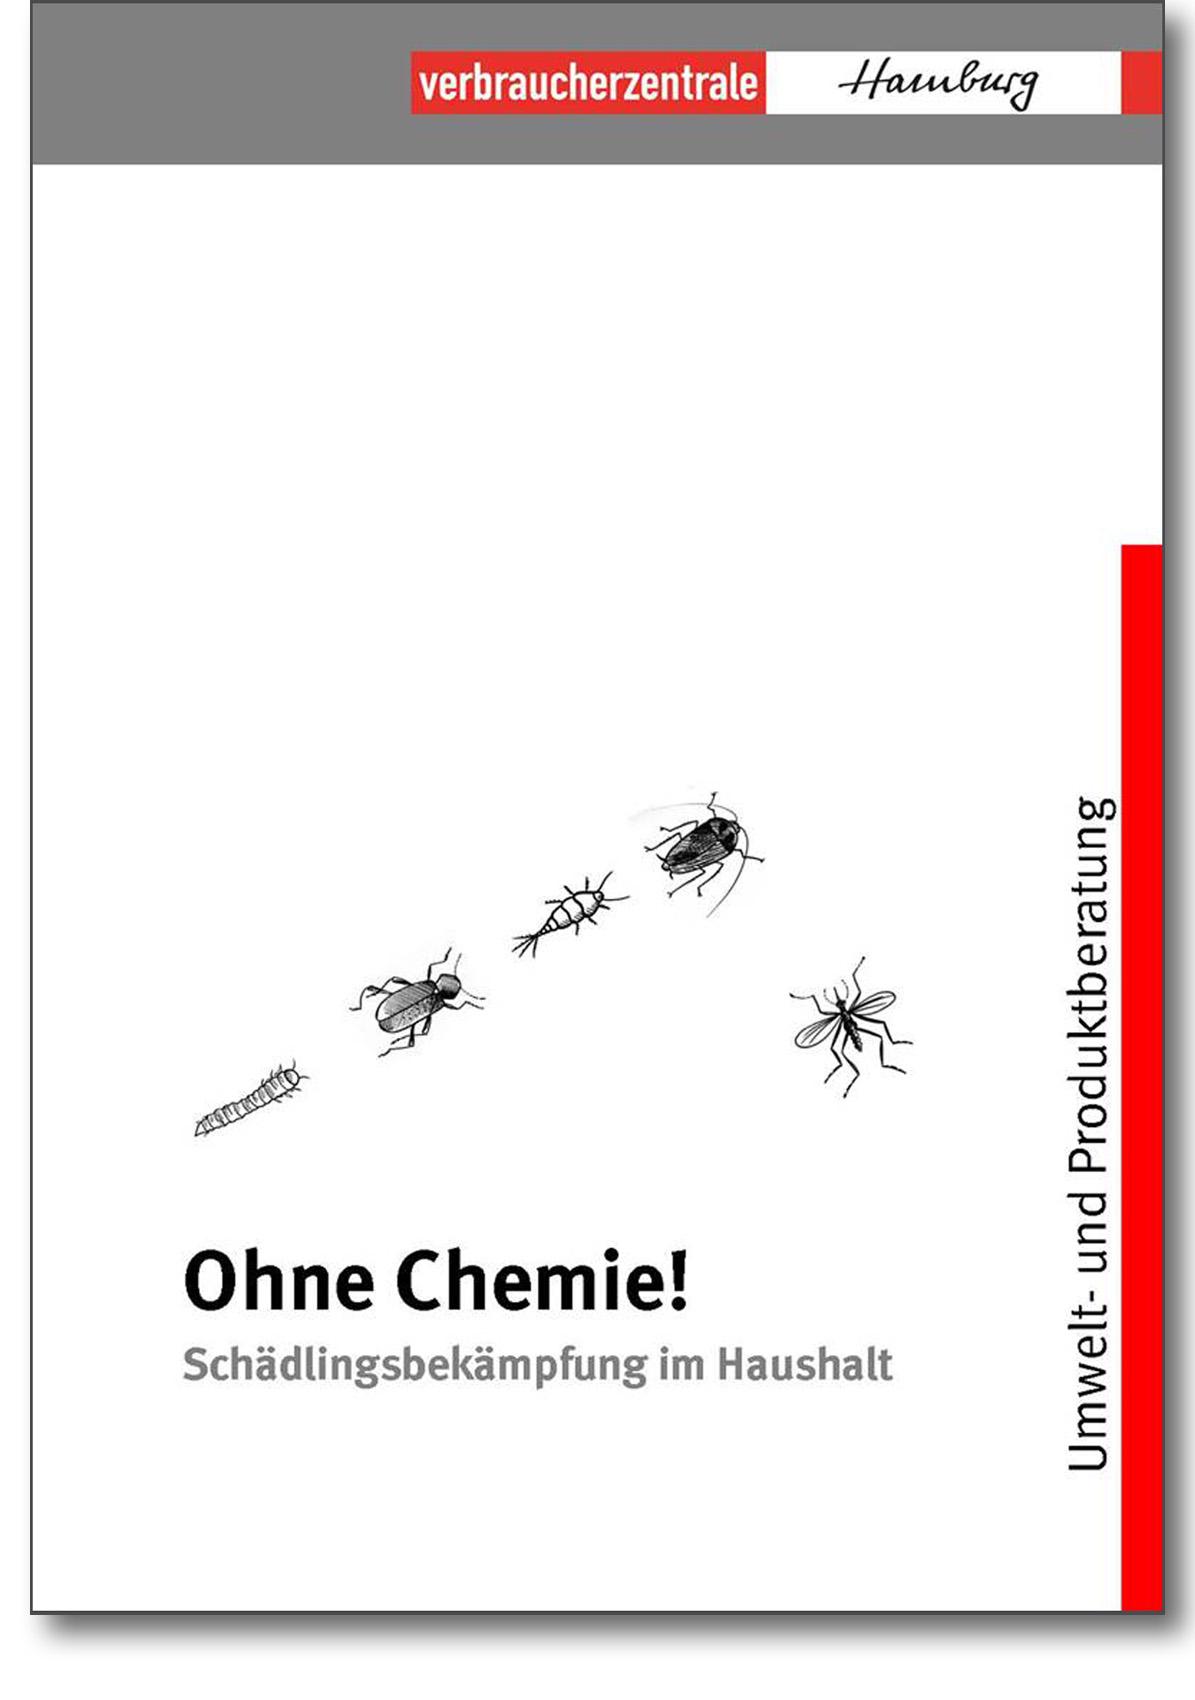 Infobroschüre - Ohne Chemie! Schädlingsbekämpfung im Haushalt - Verbraucherzentrale